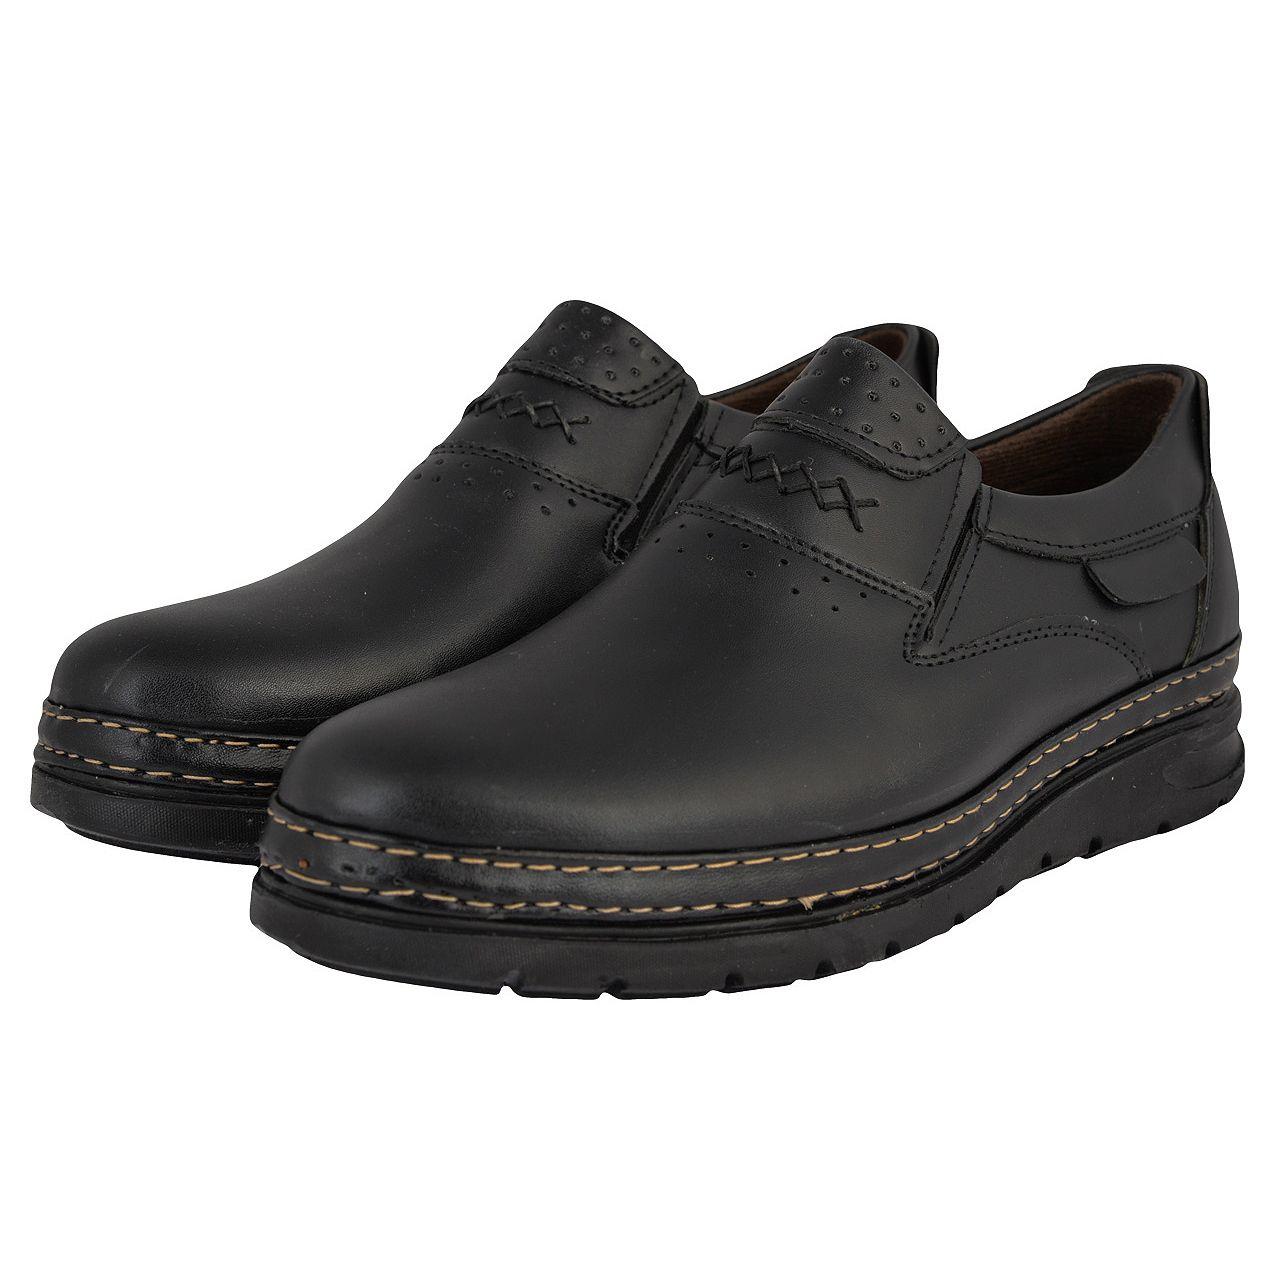 کفش روزمره مردانه کد 324006902 -  - 4